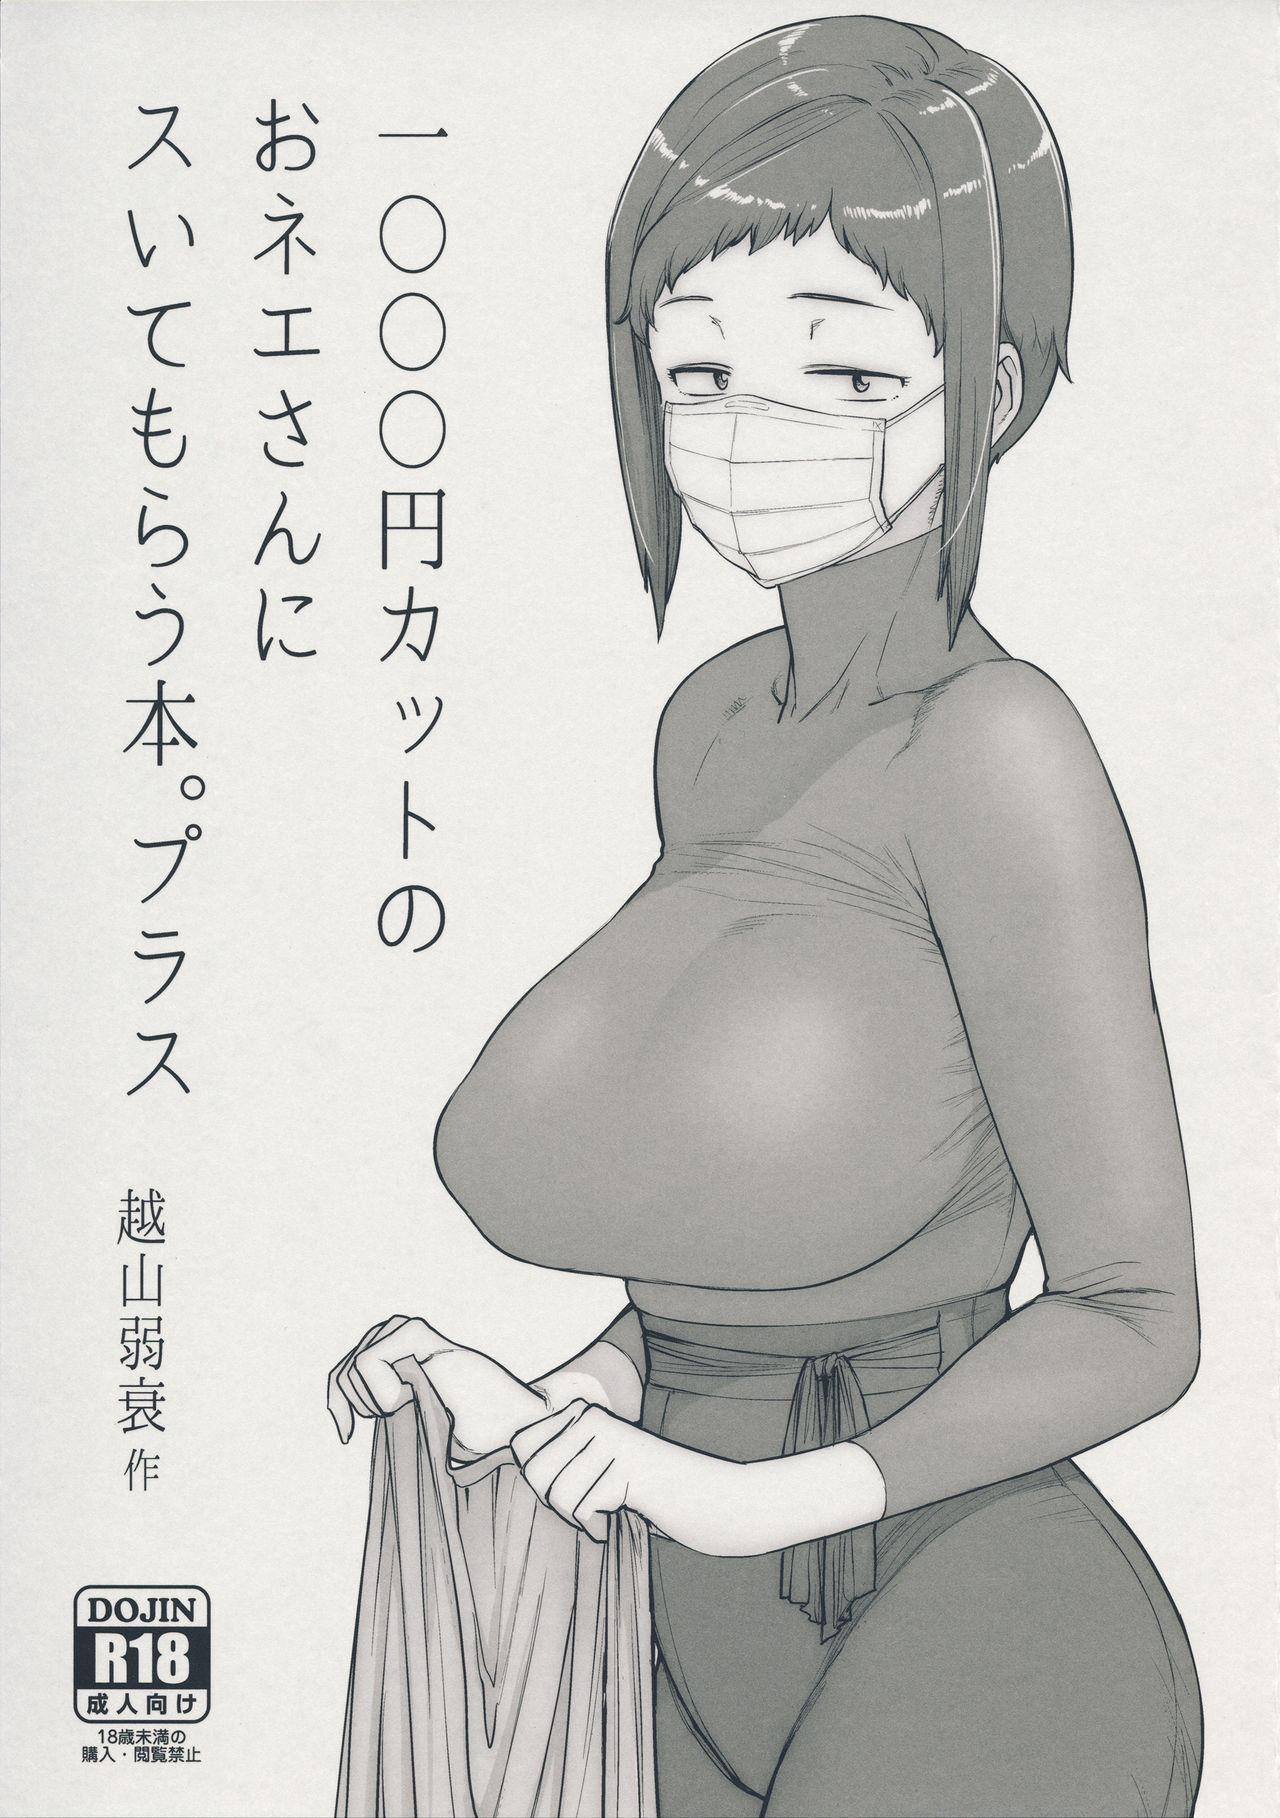 1000 Yen Cut no Onee-san ni Suite Morau Hon. Plus 0